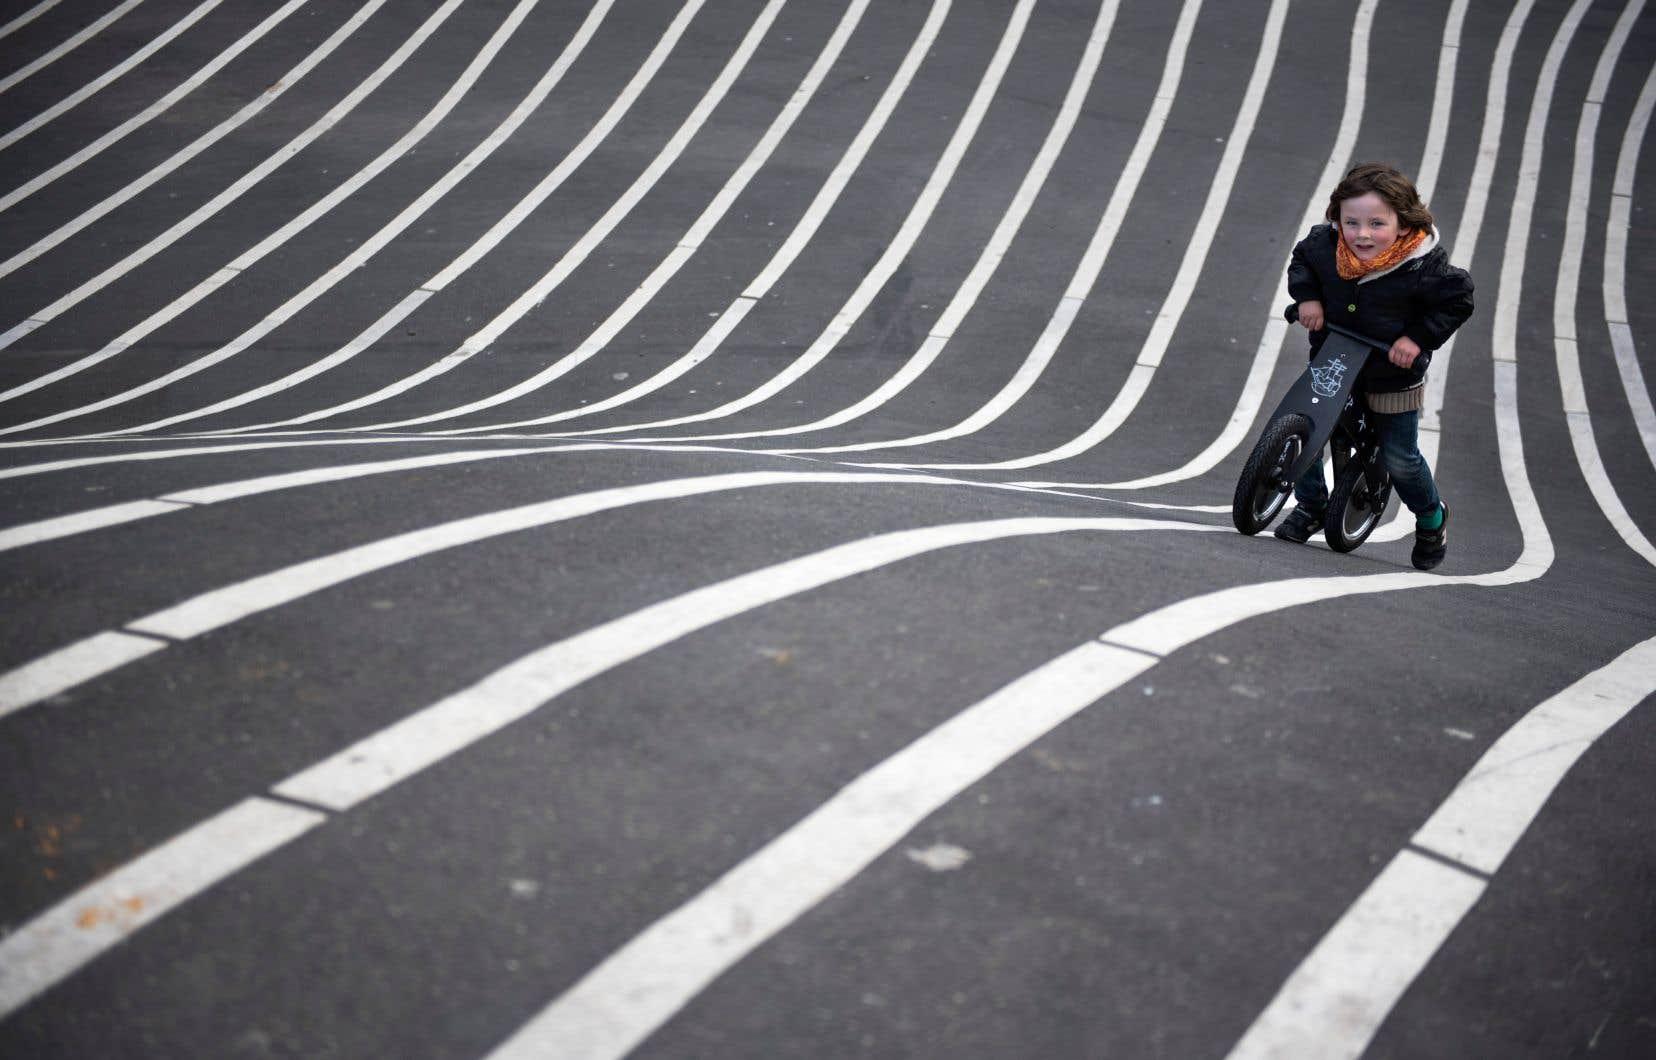 Le centre-ville de la métropole s'inscrit dans le défi que devra relever la Ville de Montréal, alors qu'il est actuellement considéré par la communauté cycliste comme un désert cyclable.